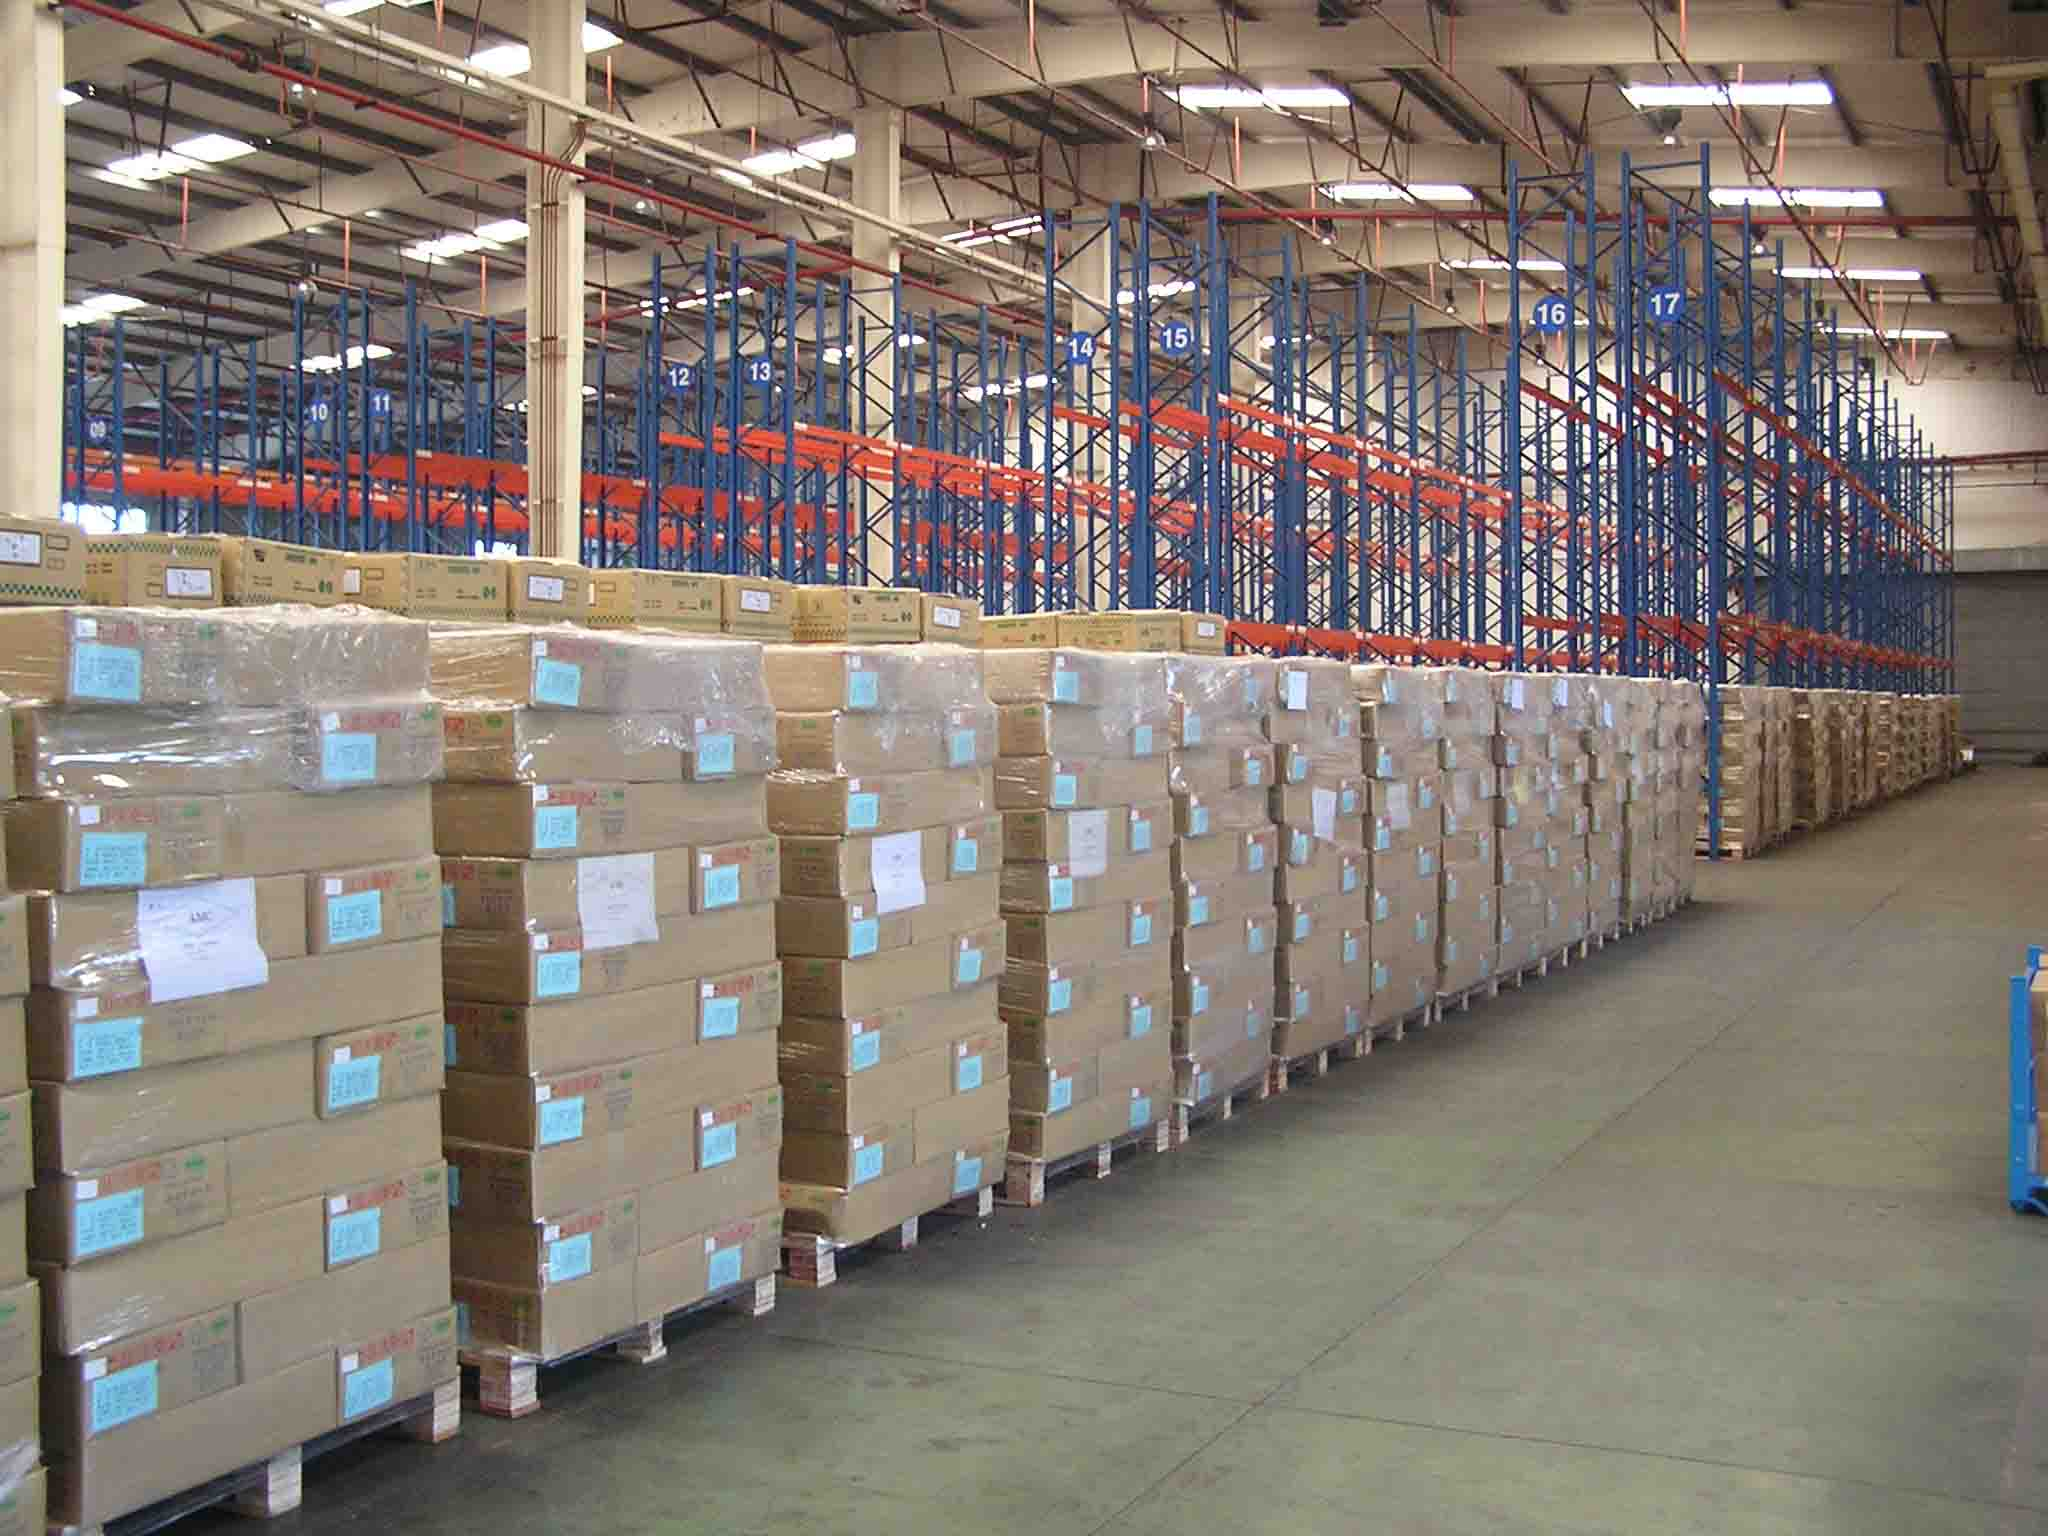 3 划分专项作业区域,建立普通材料仓库,大型材料的堆放场地.